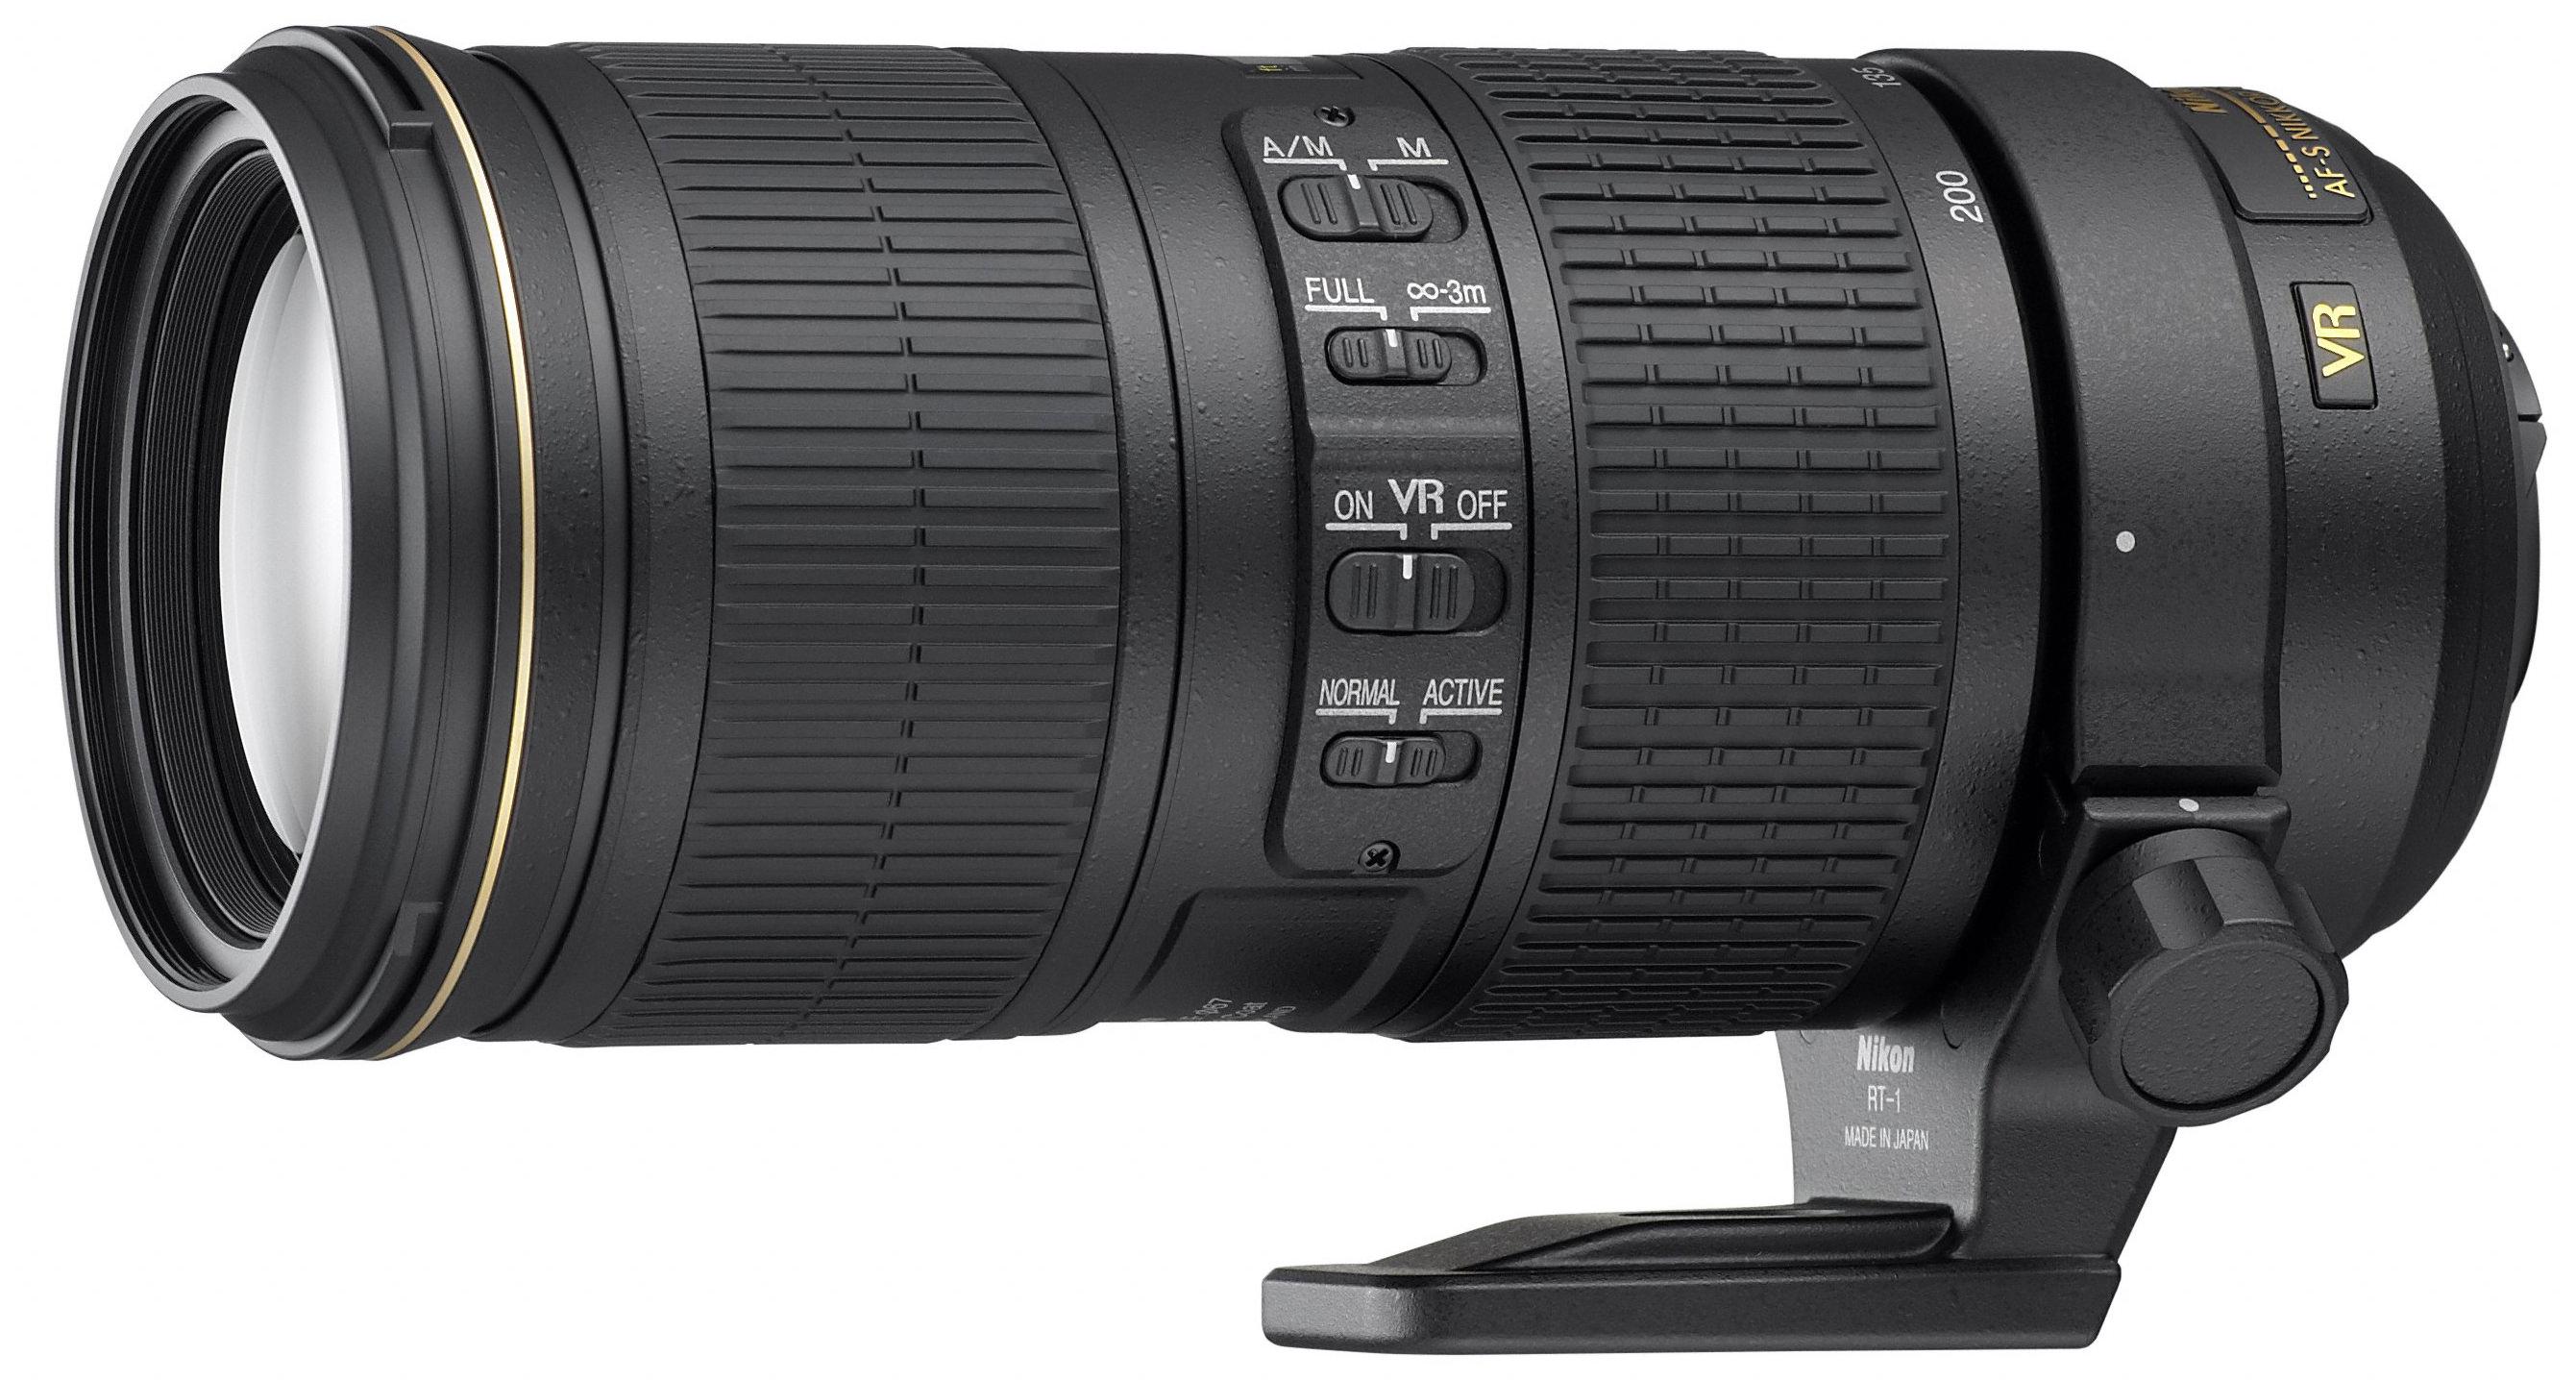 Nikon AF S Nikkor 70 200mm F 4G ED VR Lens Review